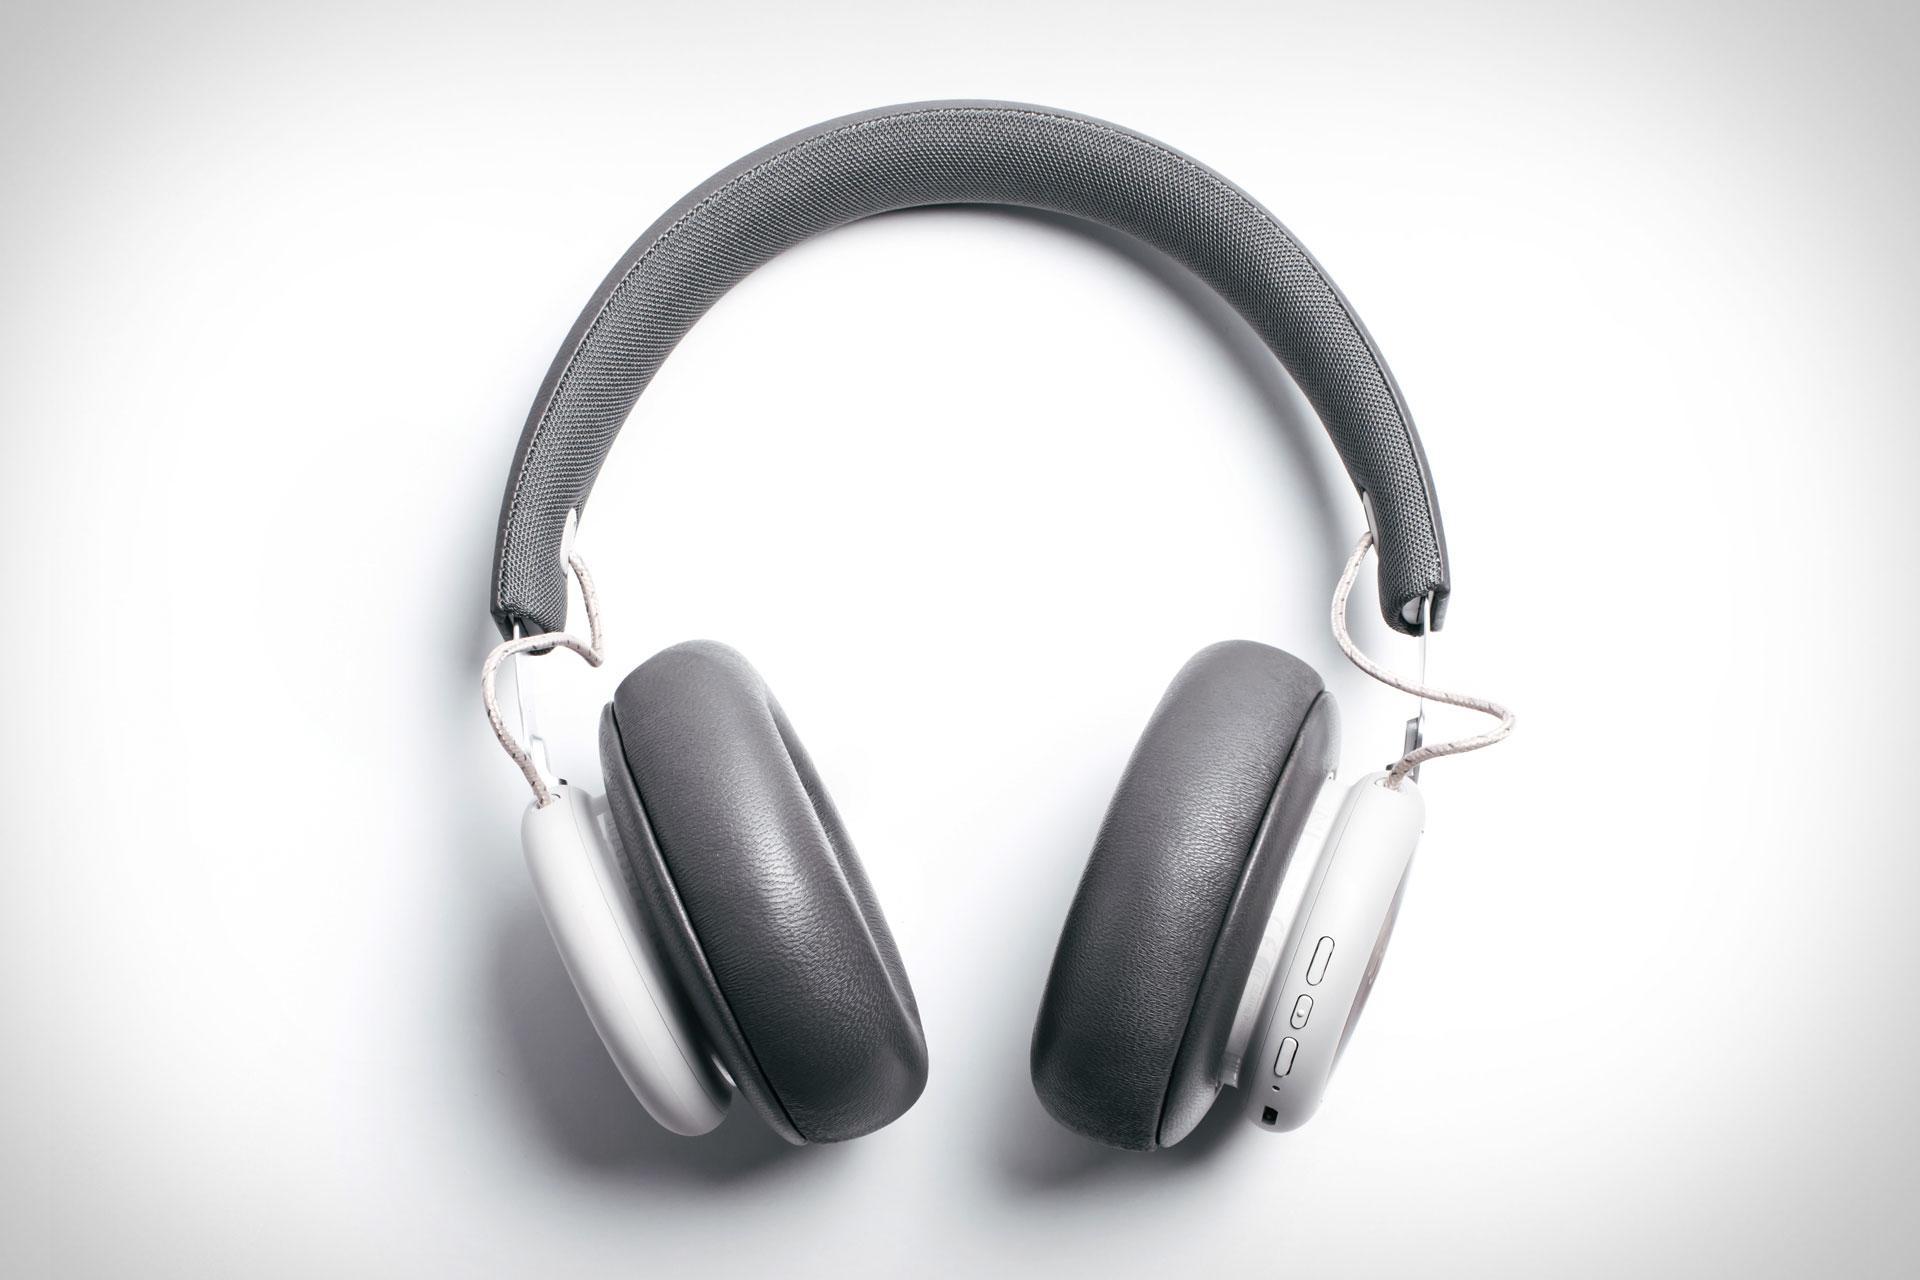 Bang & Olufsen BeoPlay H4 Headphones